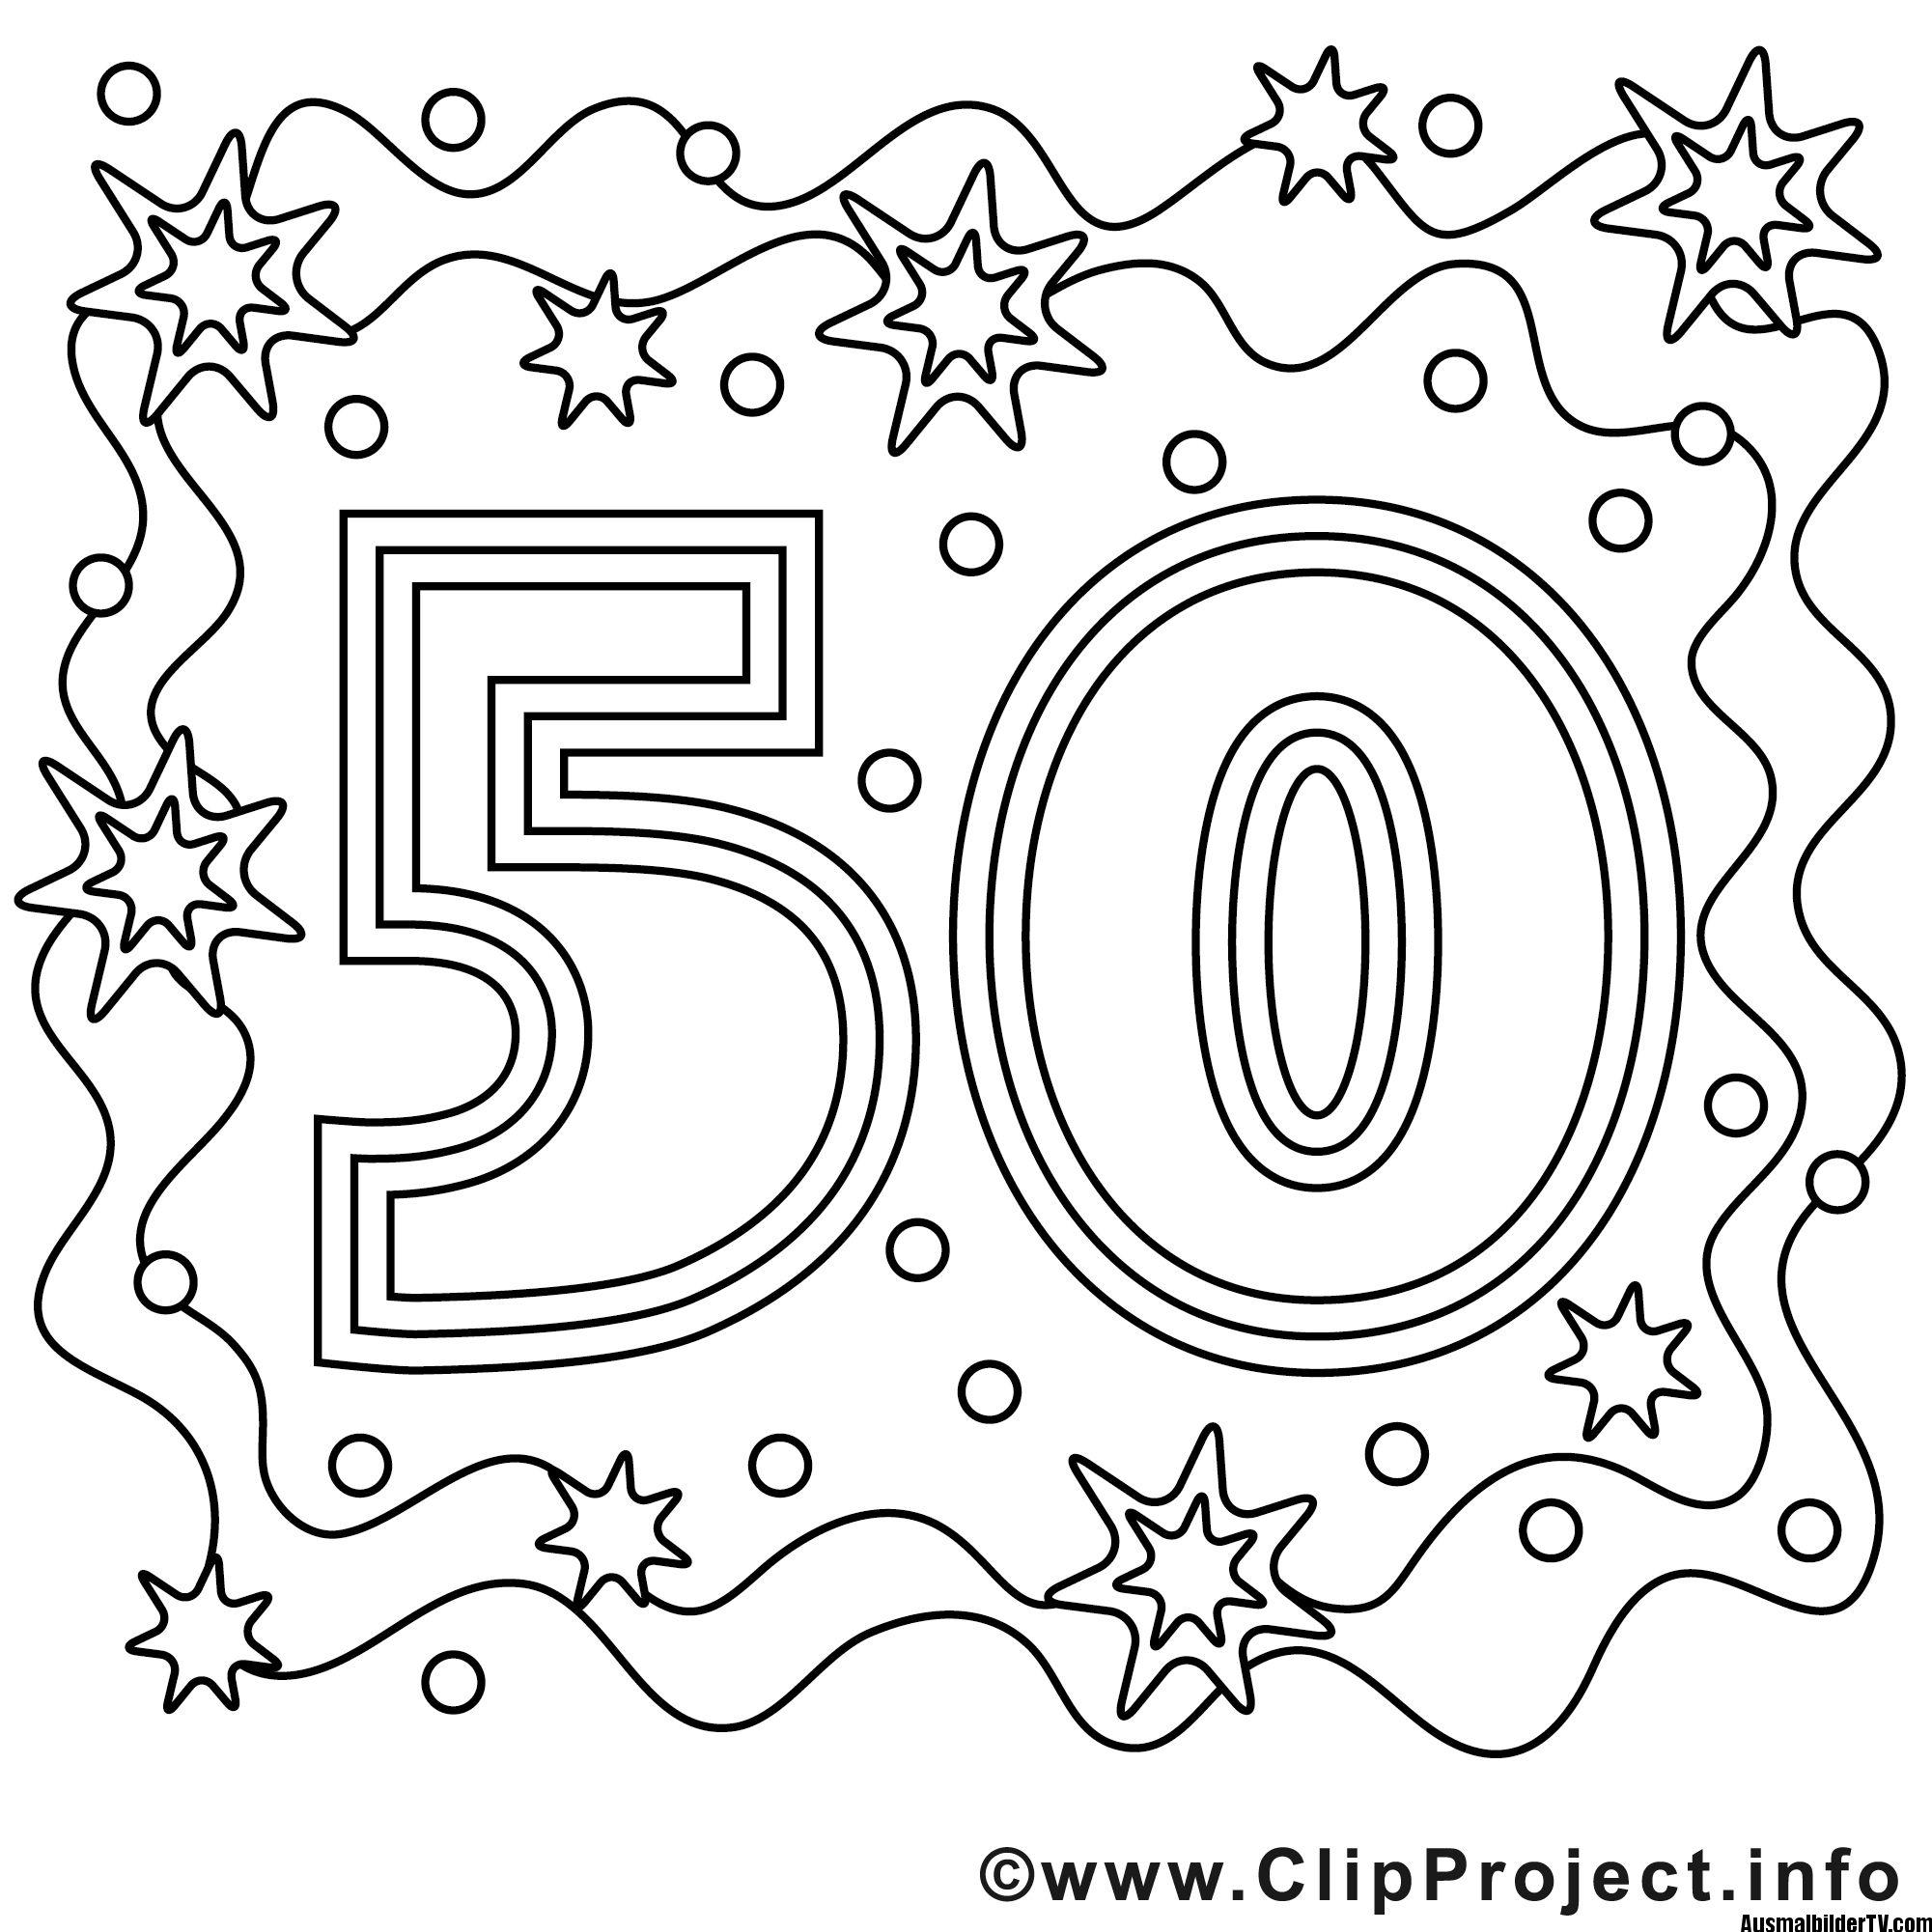 Ausmalbild zum 50 Geburtstag Lustige malvorlagen